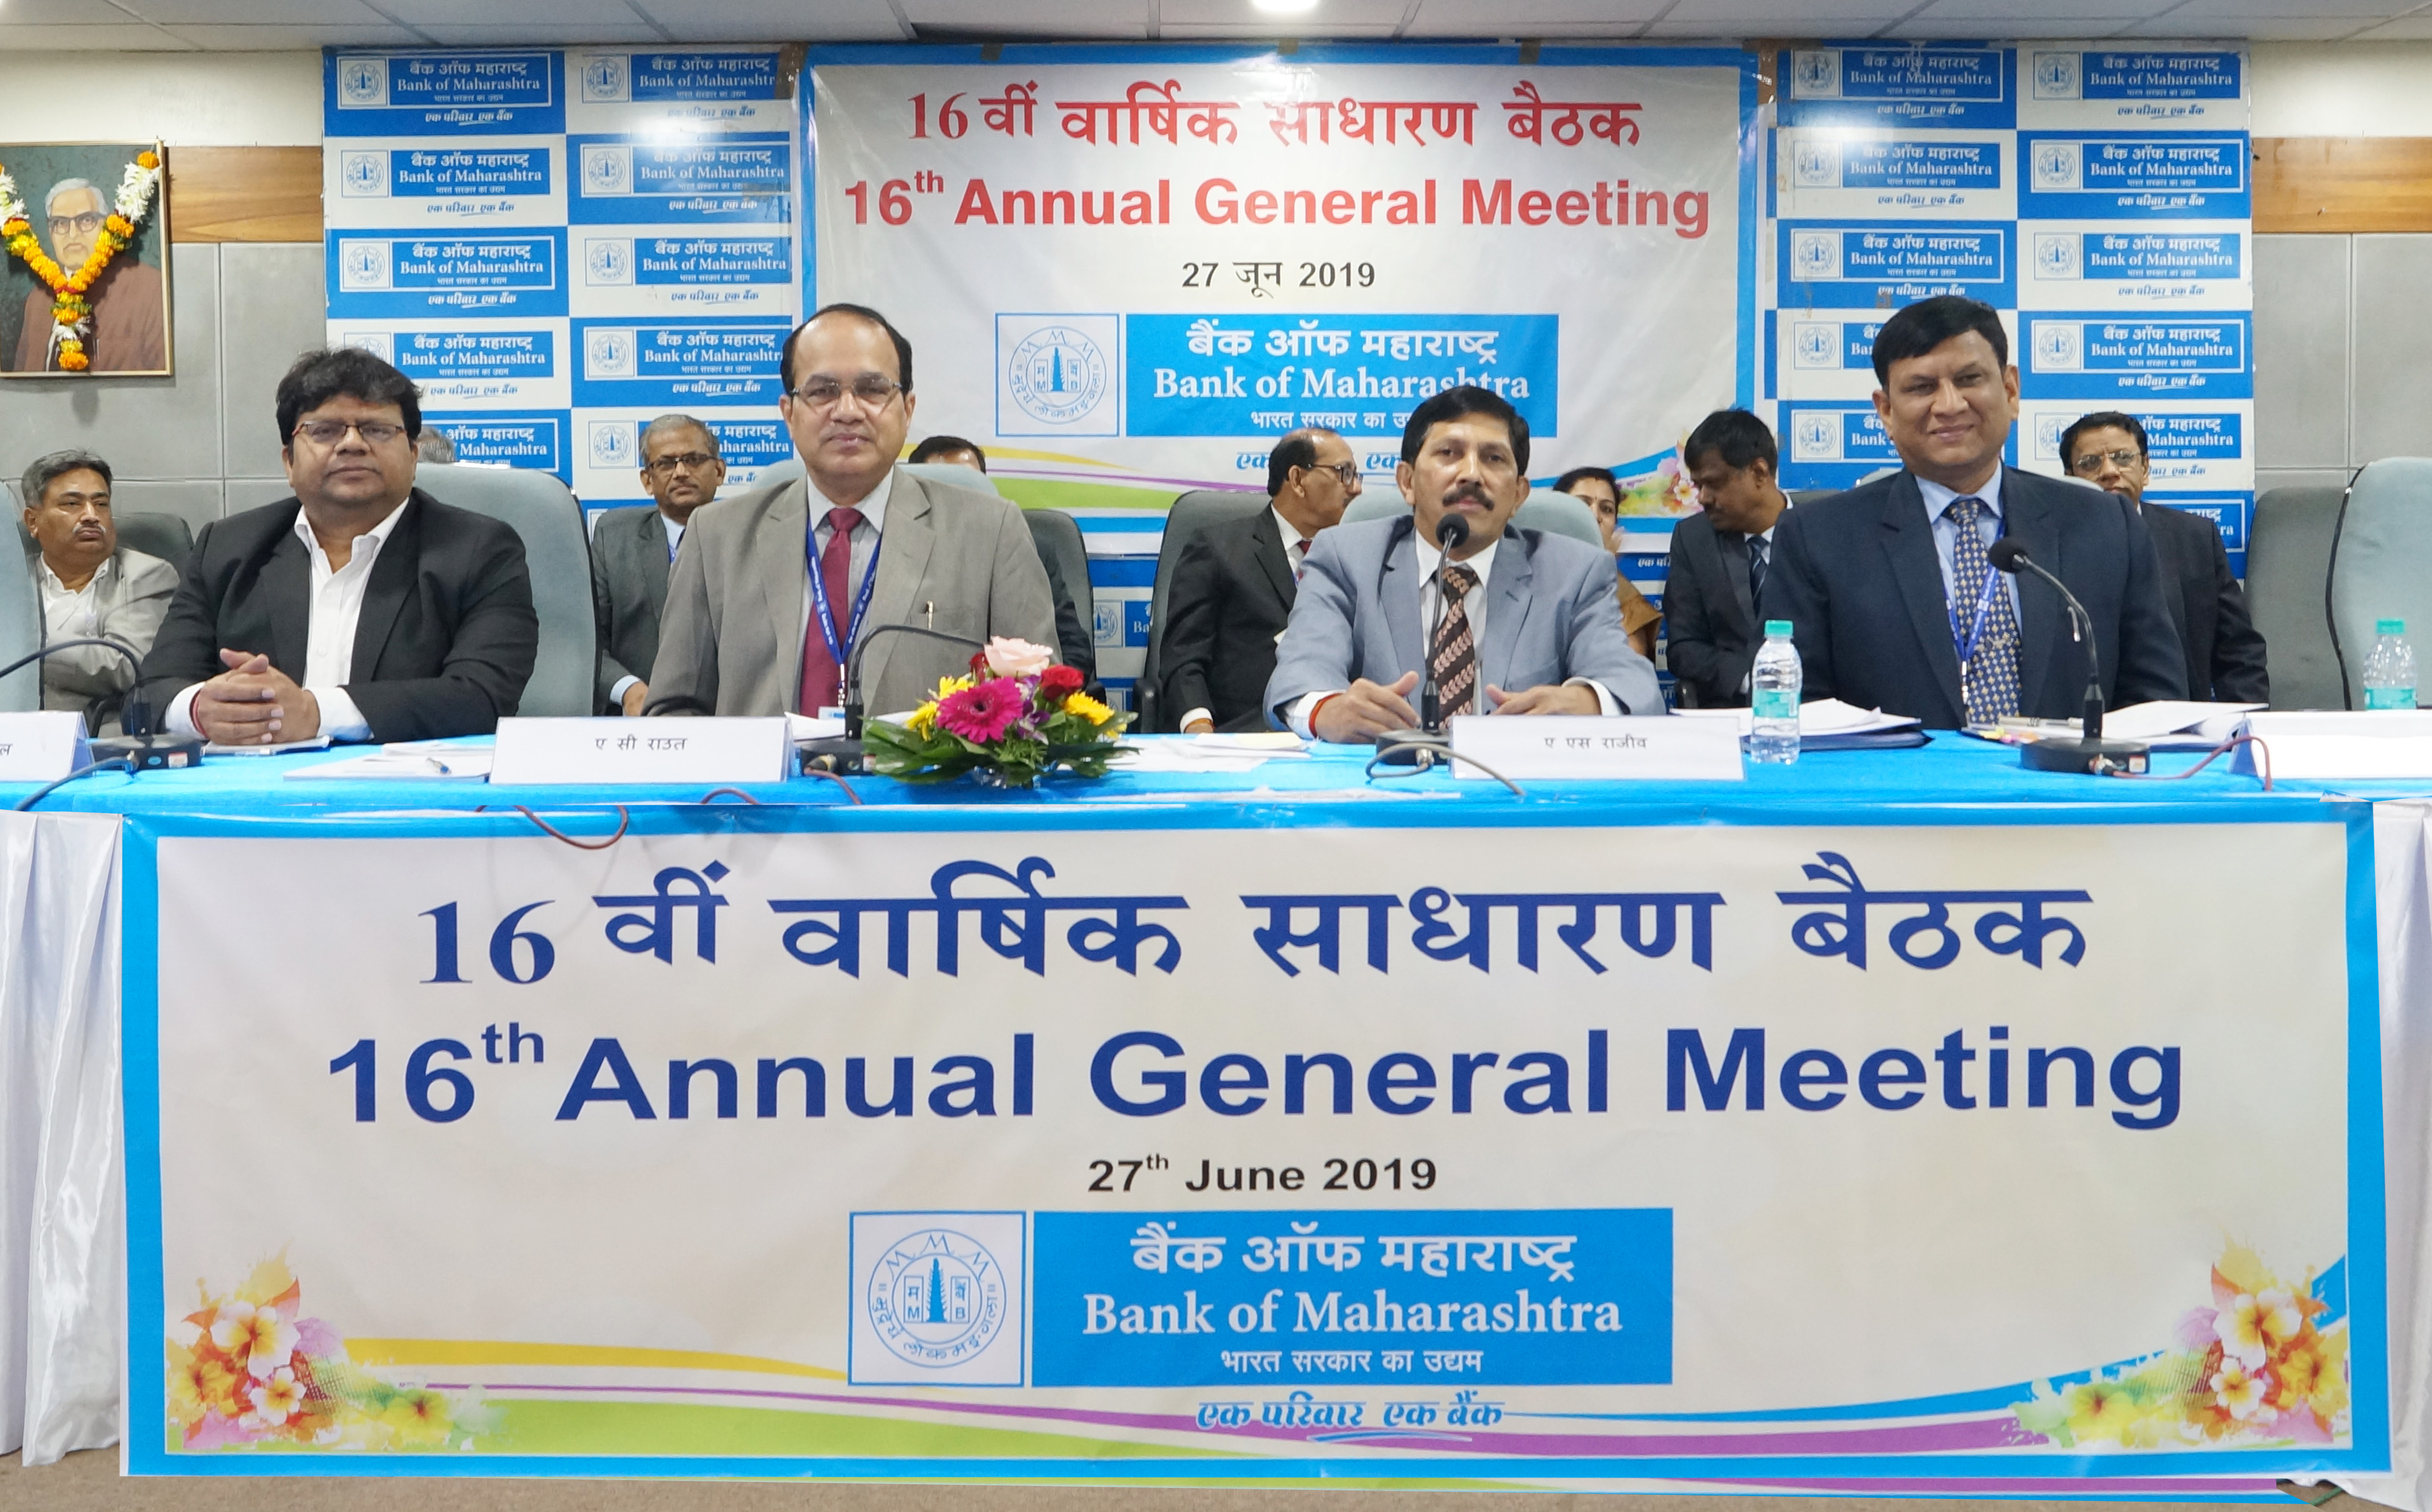 बँक ऑफ महाराष्ट्रच्या शेअरधारकांची 16वी वार्षिक सर्वसाधारण बैठक संपन्न